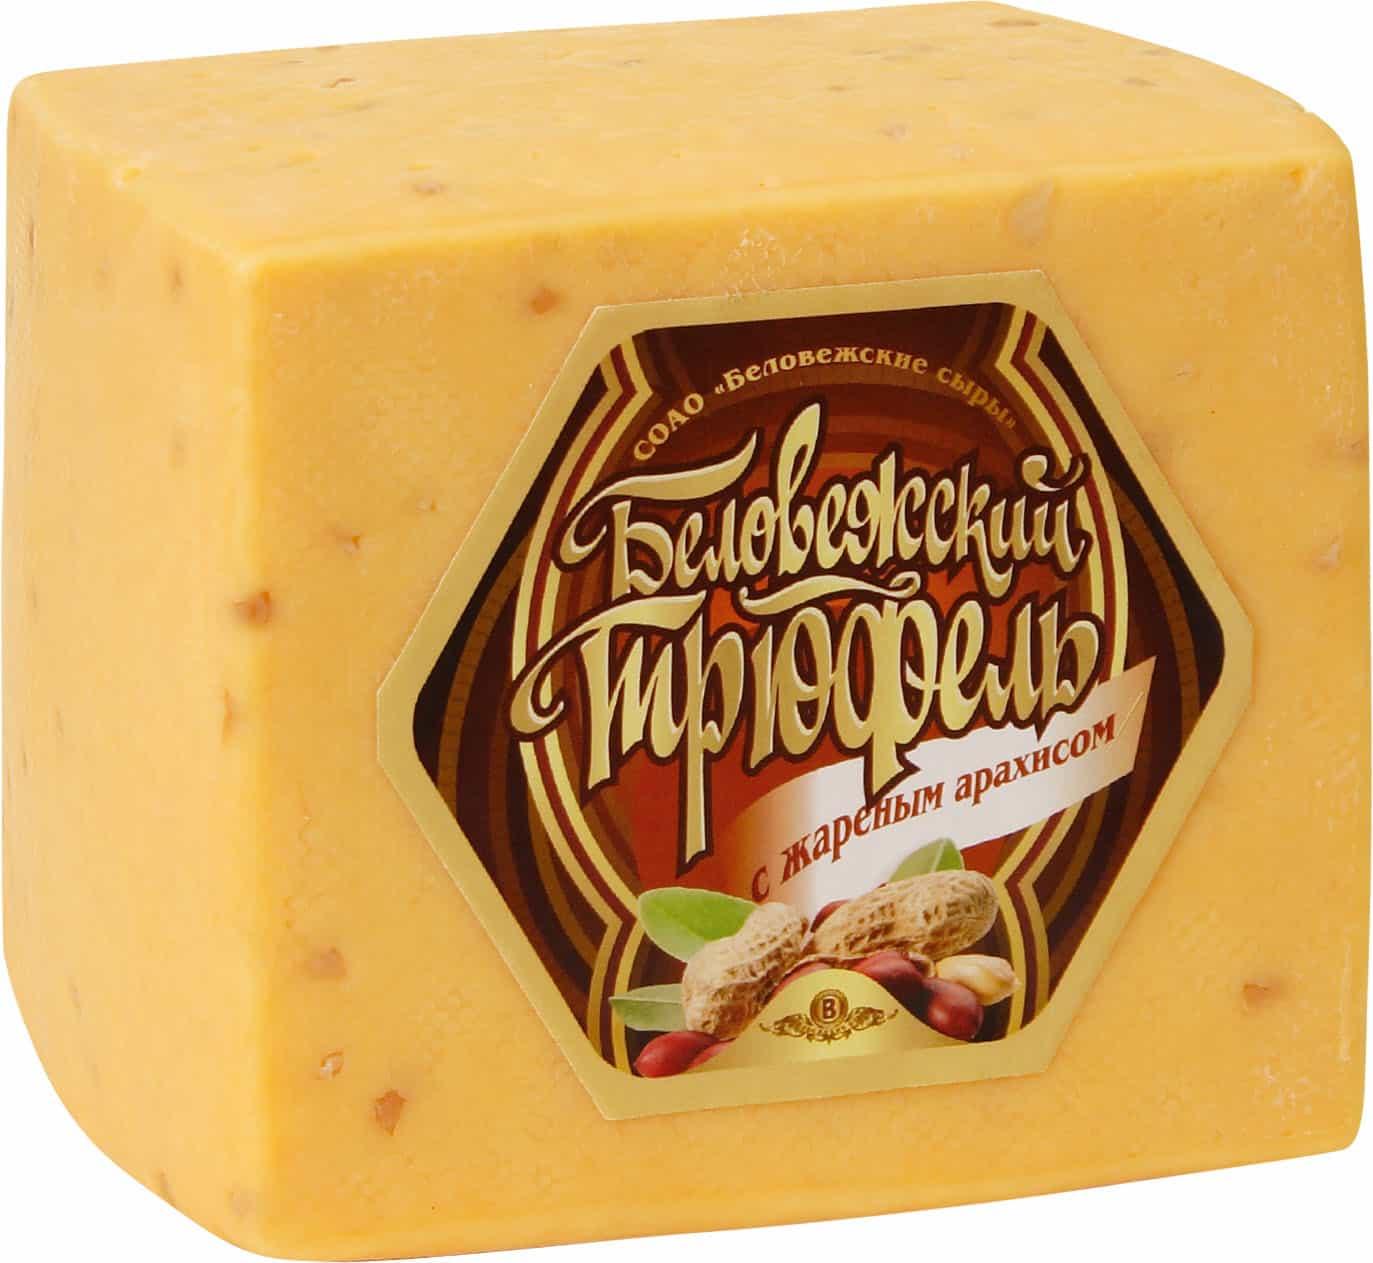 Сыр Беловежский трюфель с жареным арахисом 40%